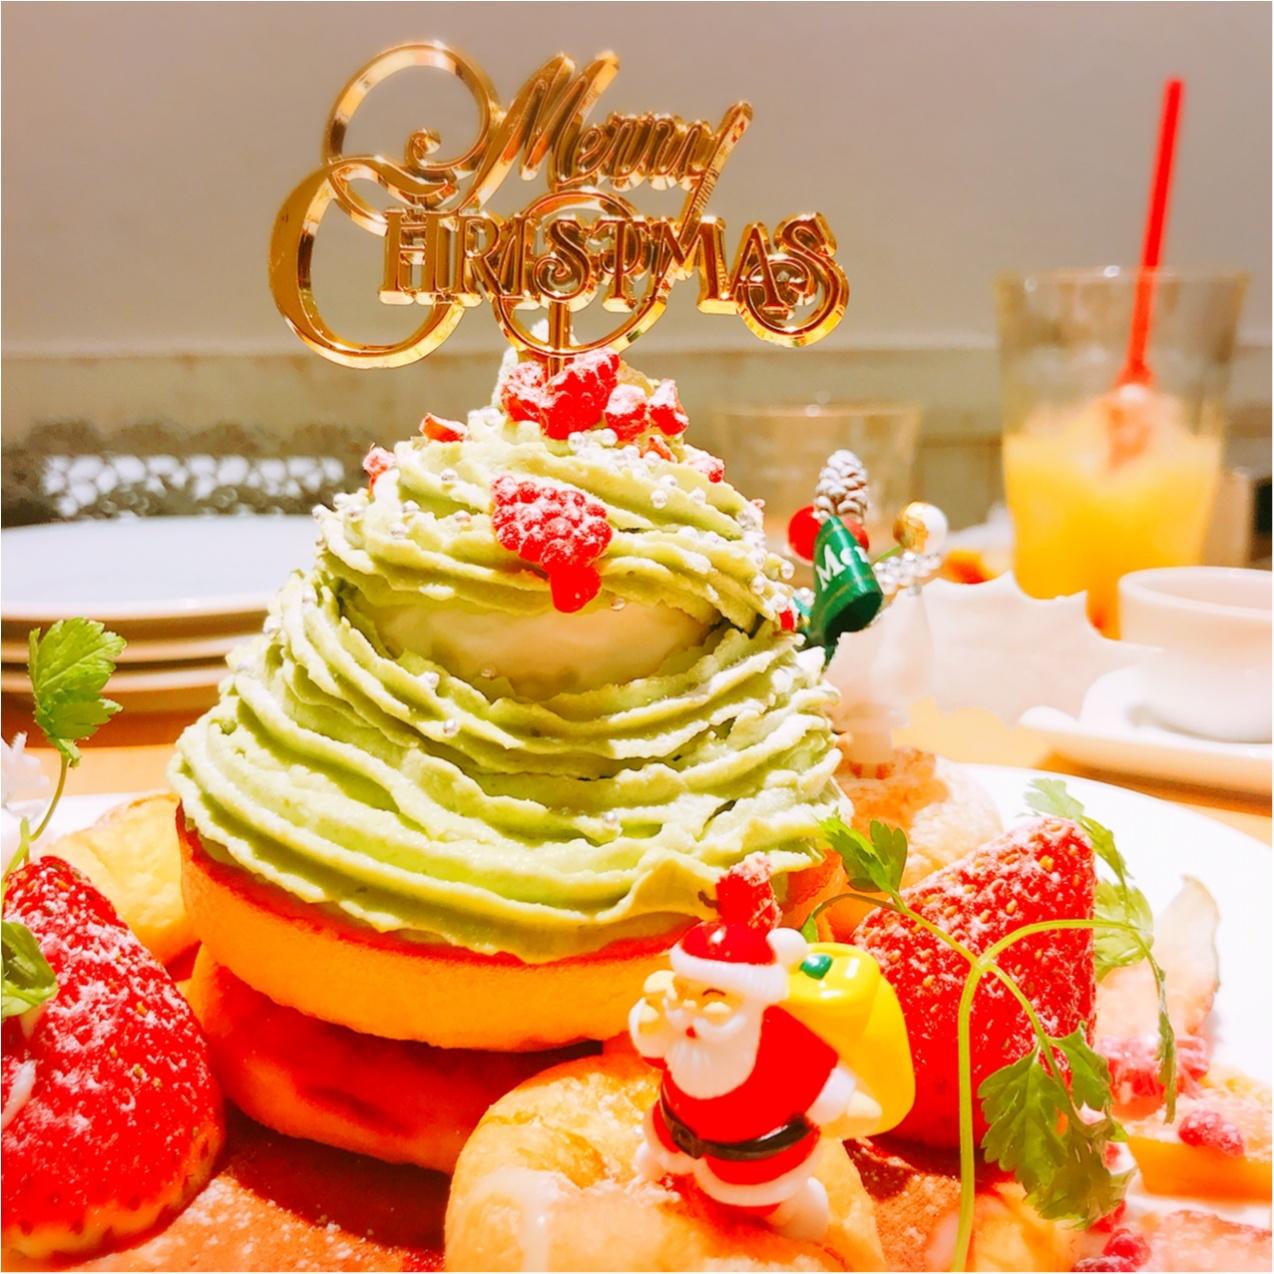 Xmas女子会におすすめ♡【cafe accueil】のフォトジェニックなクリスマスツリーパンケーキ!_5